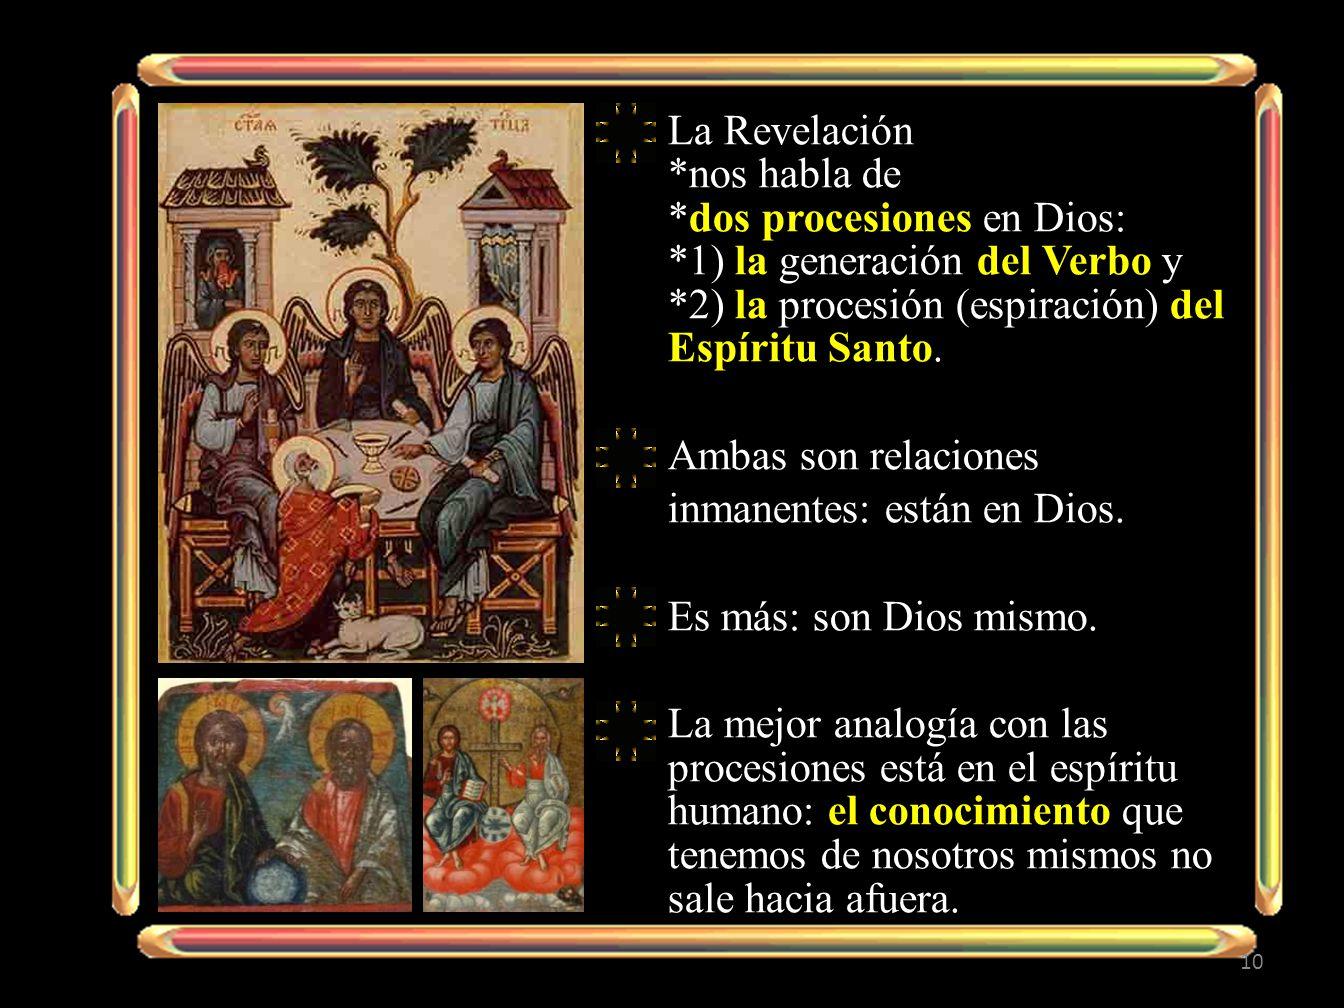 La Revelación *nos habla de *dos procesiones en Dios: *1) la generación del Verbo y *2) la procesión (espiración) del Espíritu Santo.